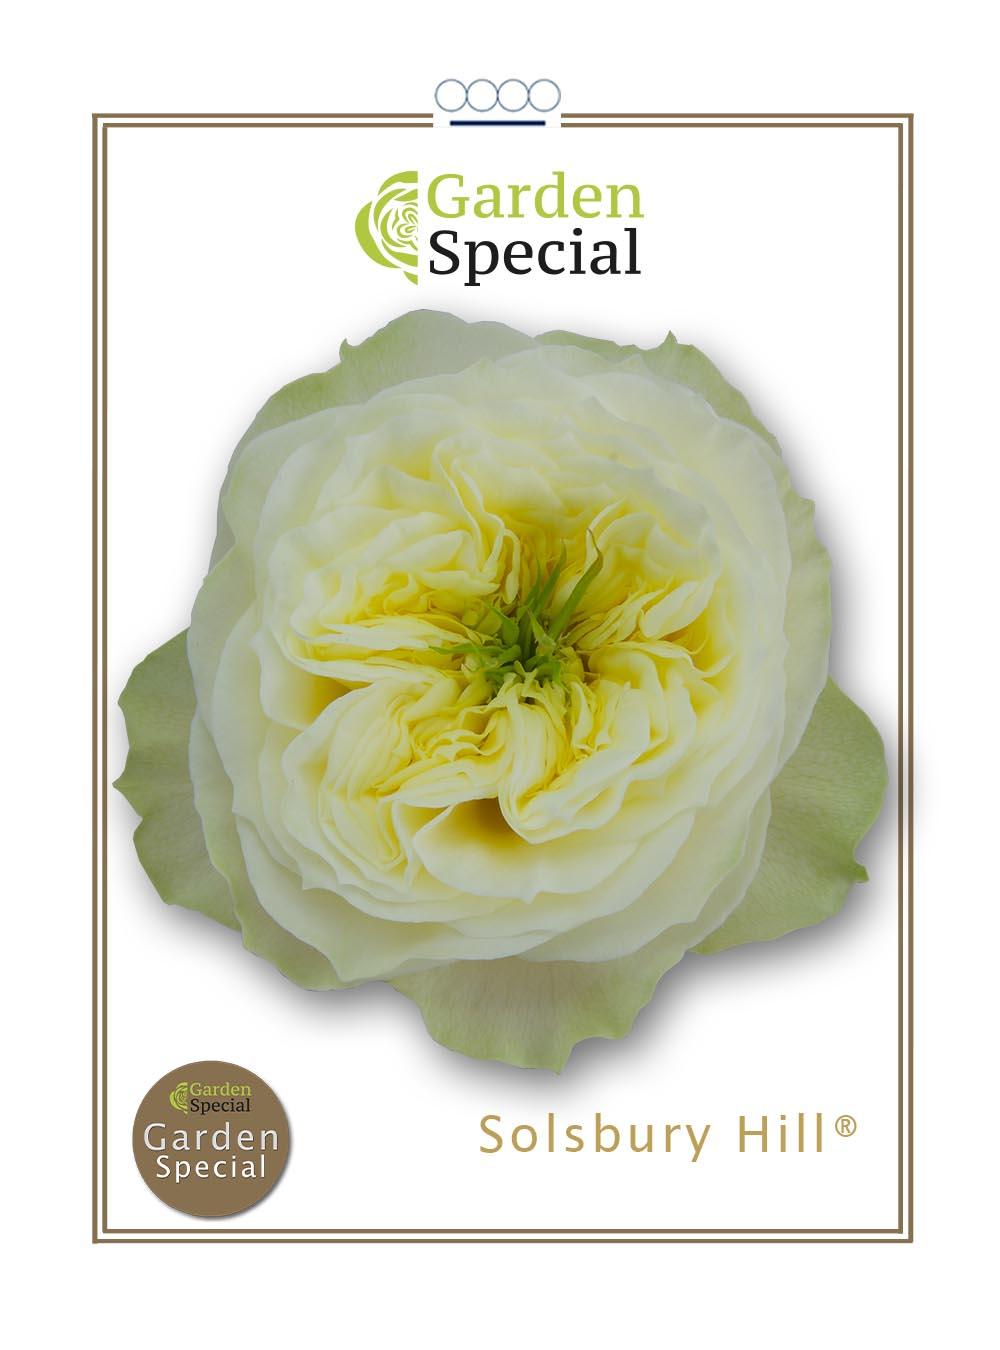 Solsbury Hill®